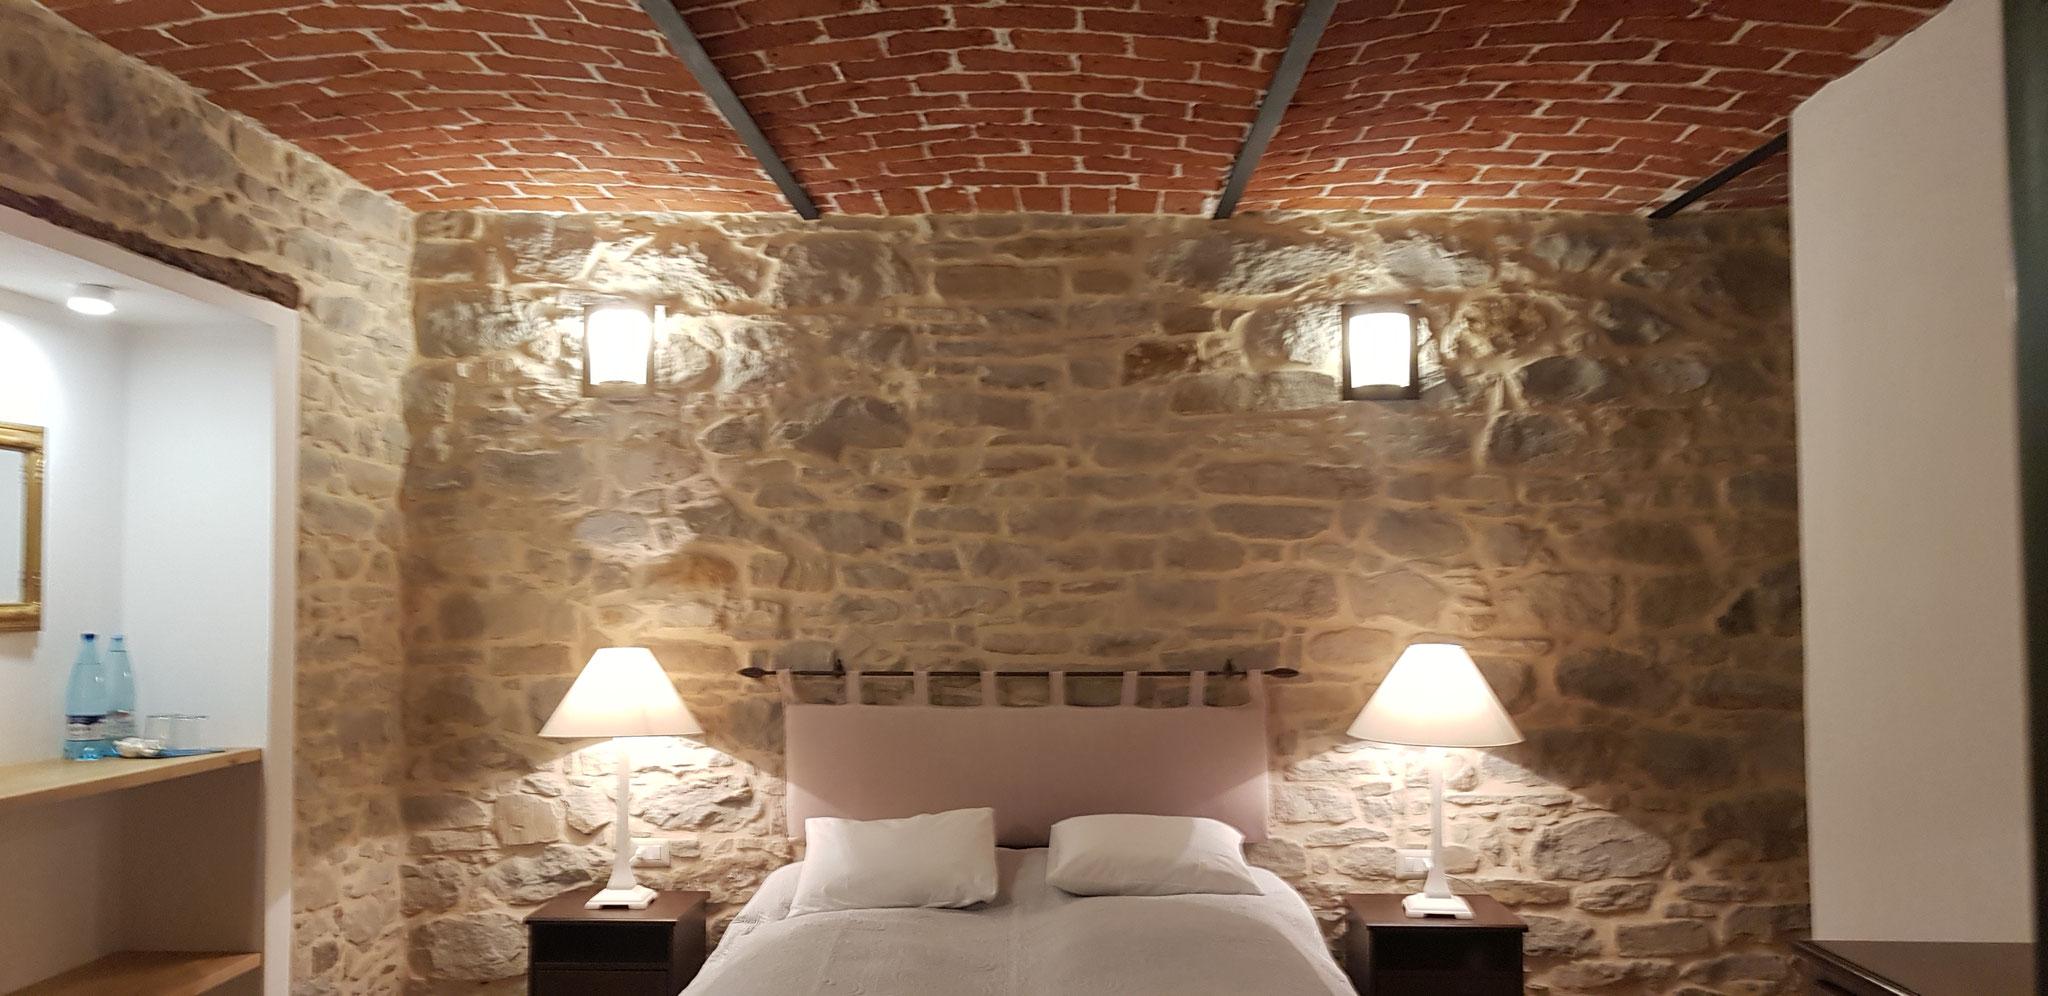 Wie die Wände ist auch die Decke wieder im Originalzustand